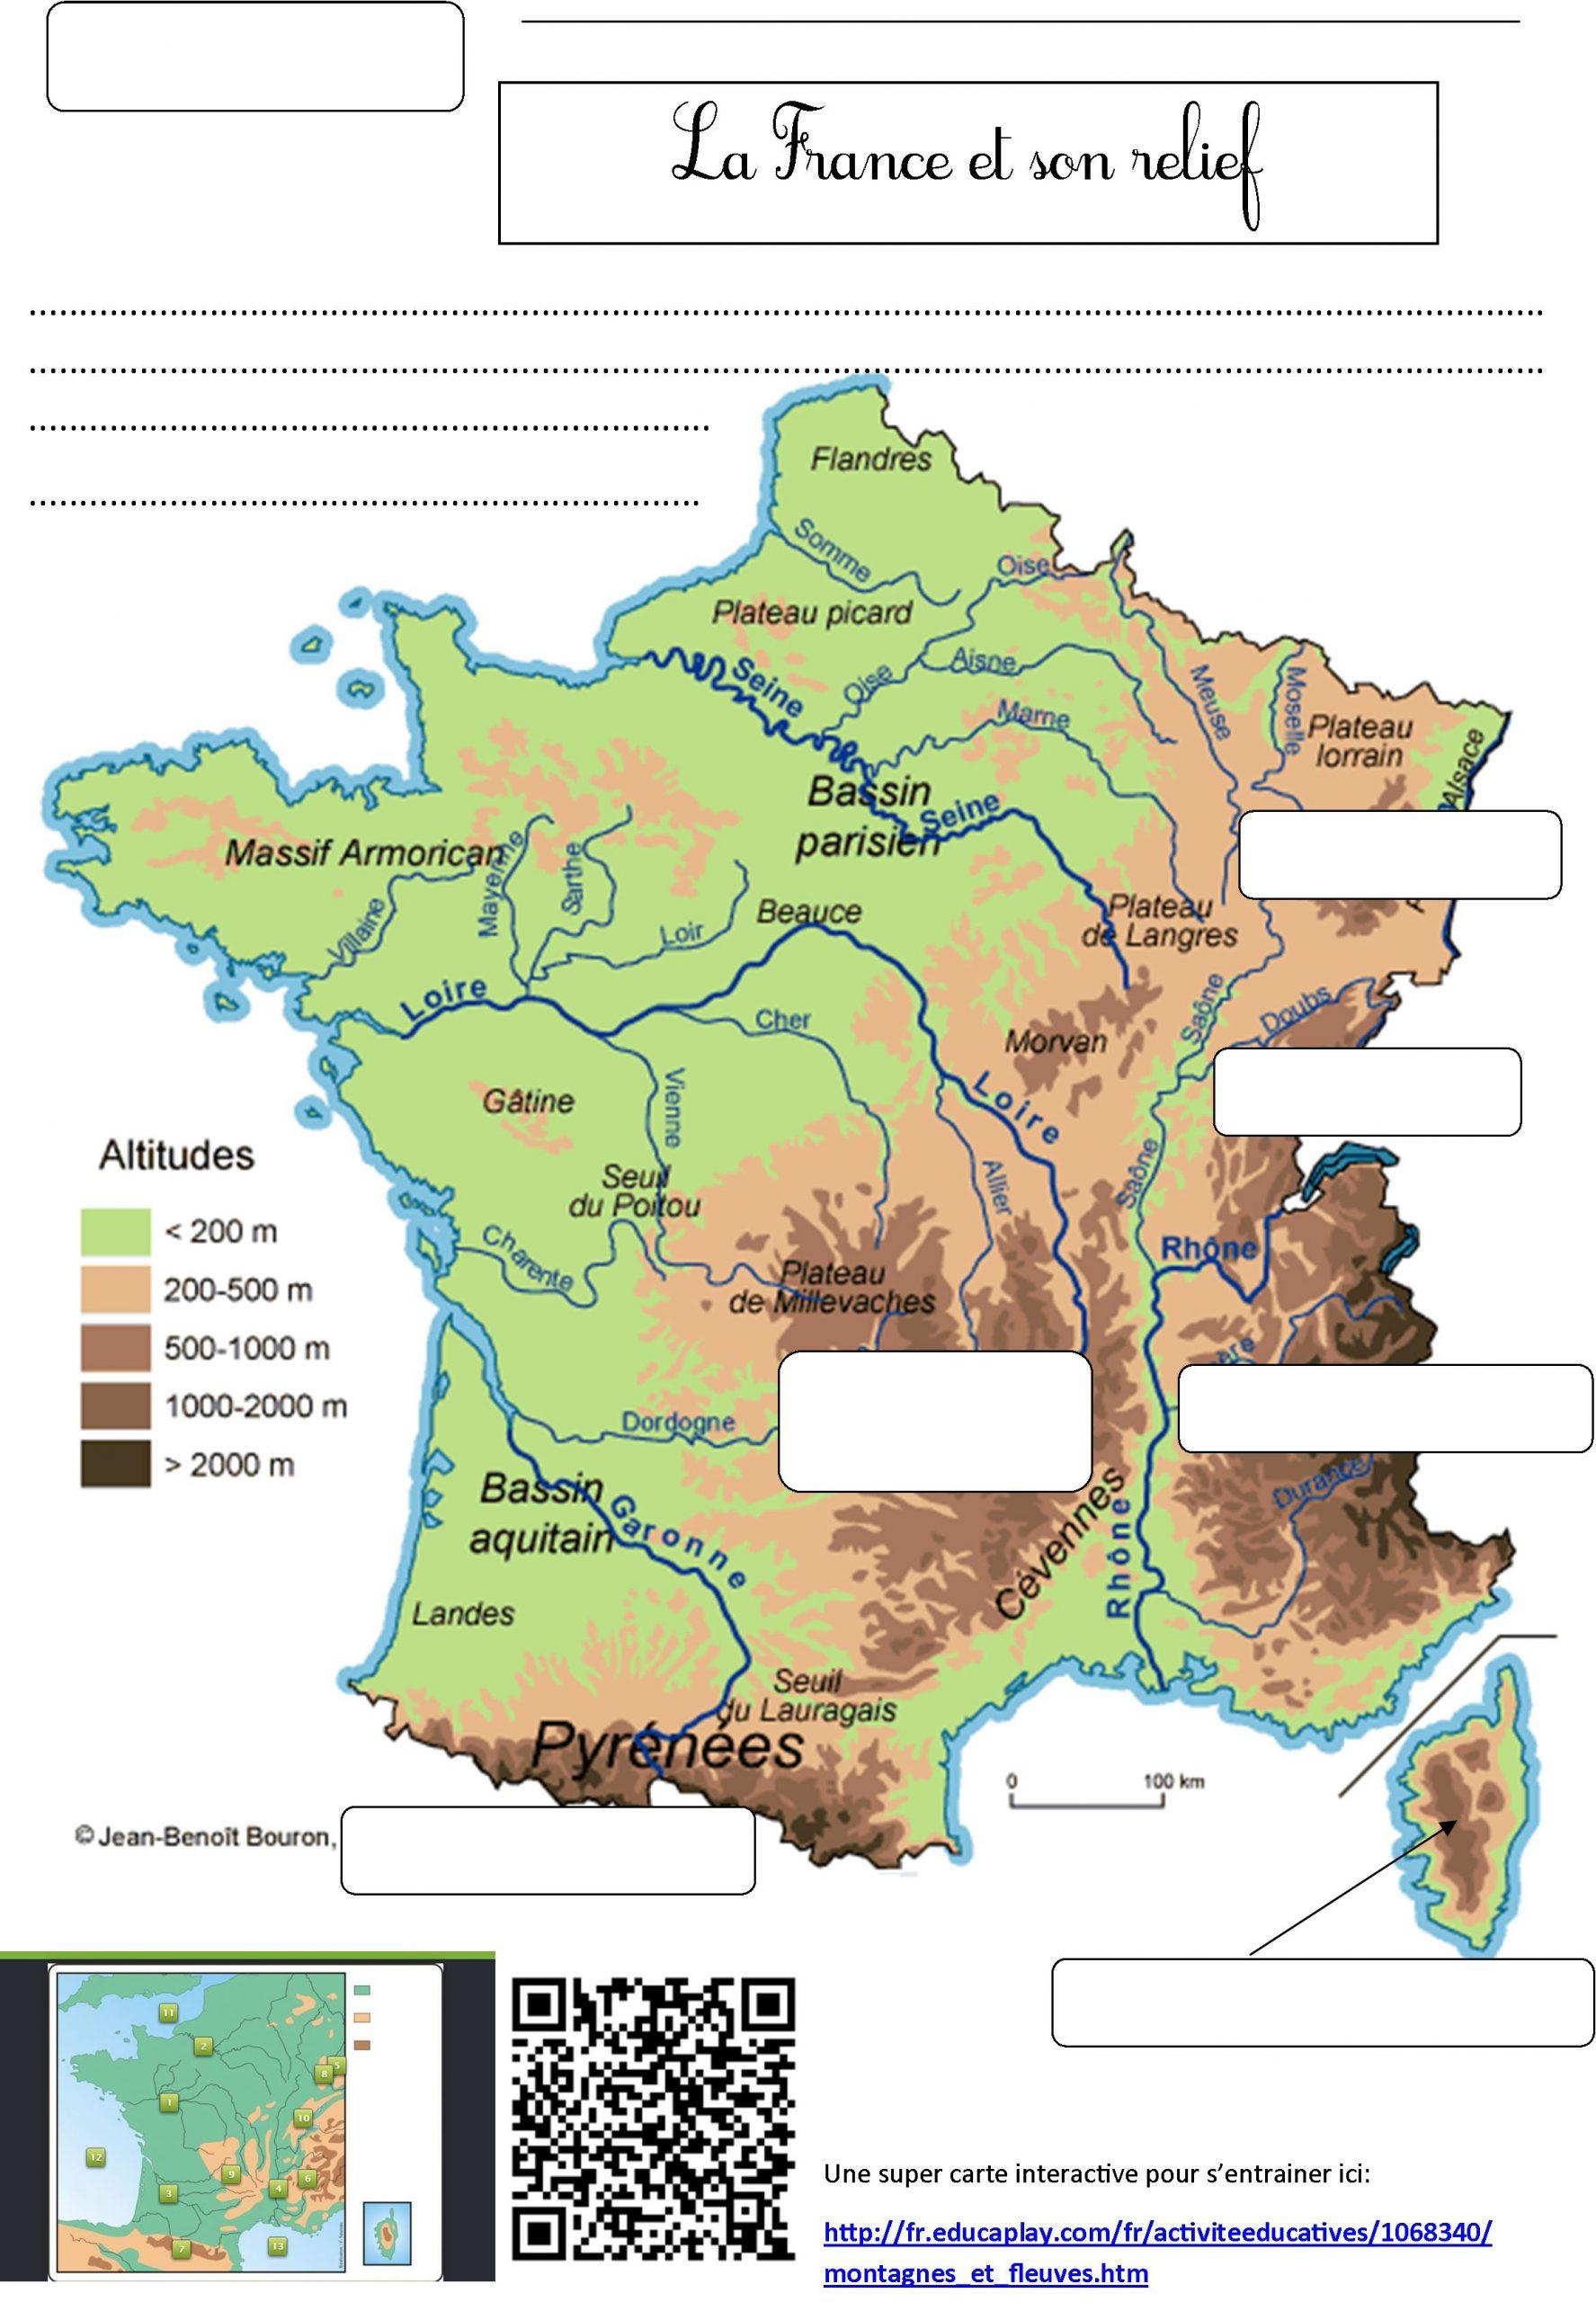 Fleuves De France | Le Blog De Monsieur Mathieu tout Fleuves Ce2